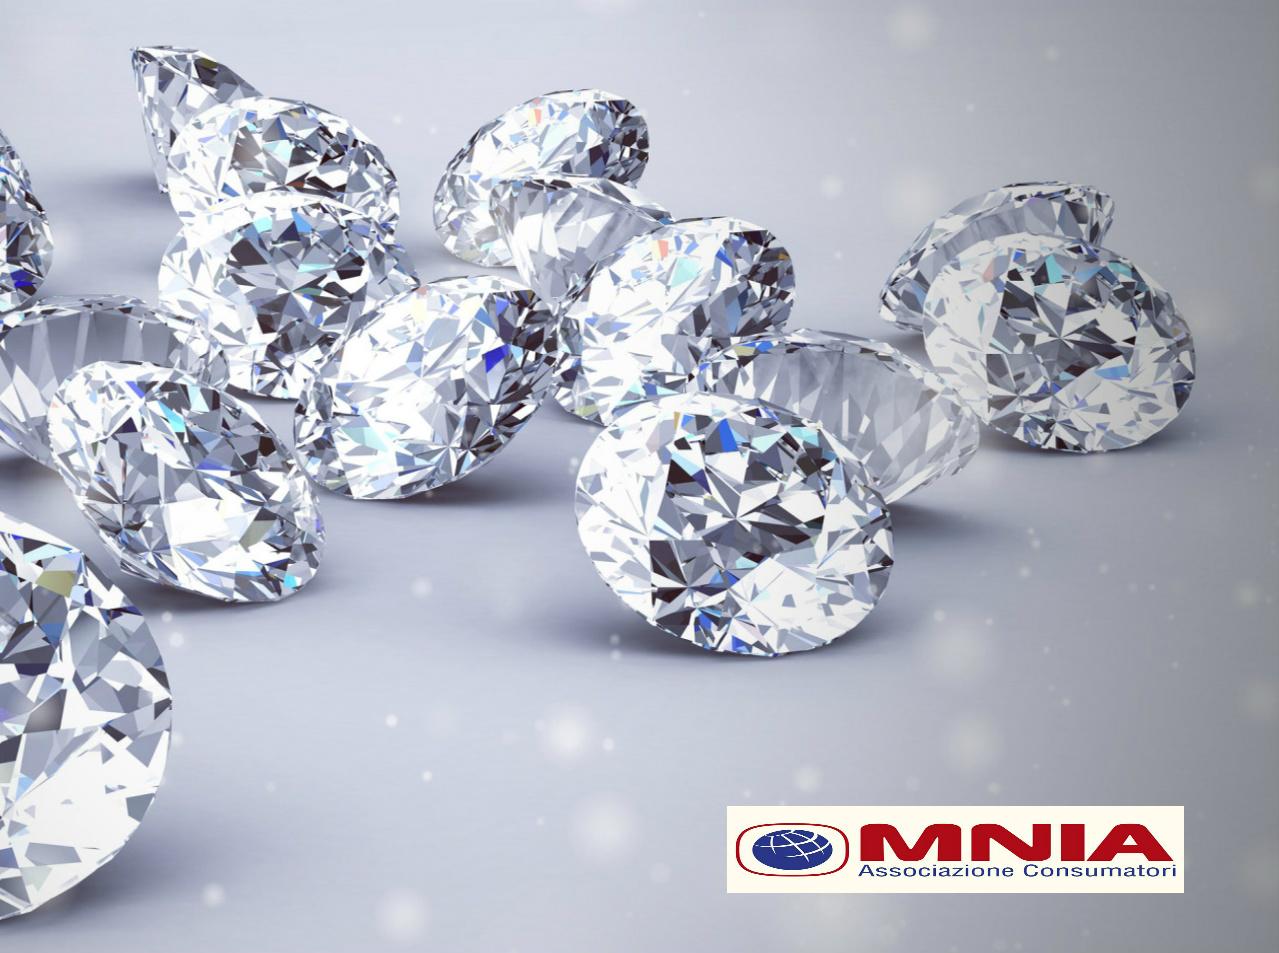 diamanti omnia